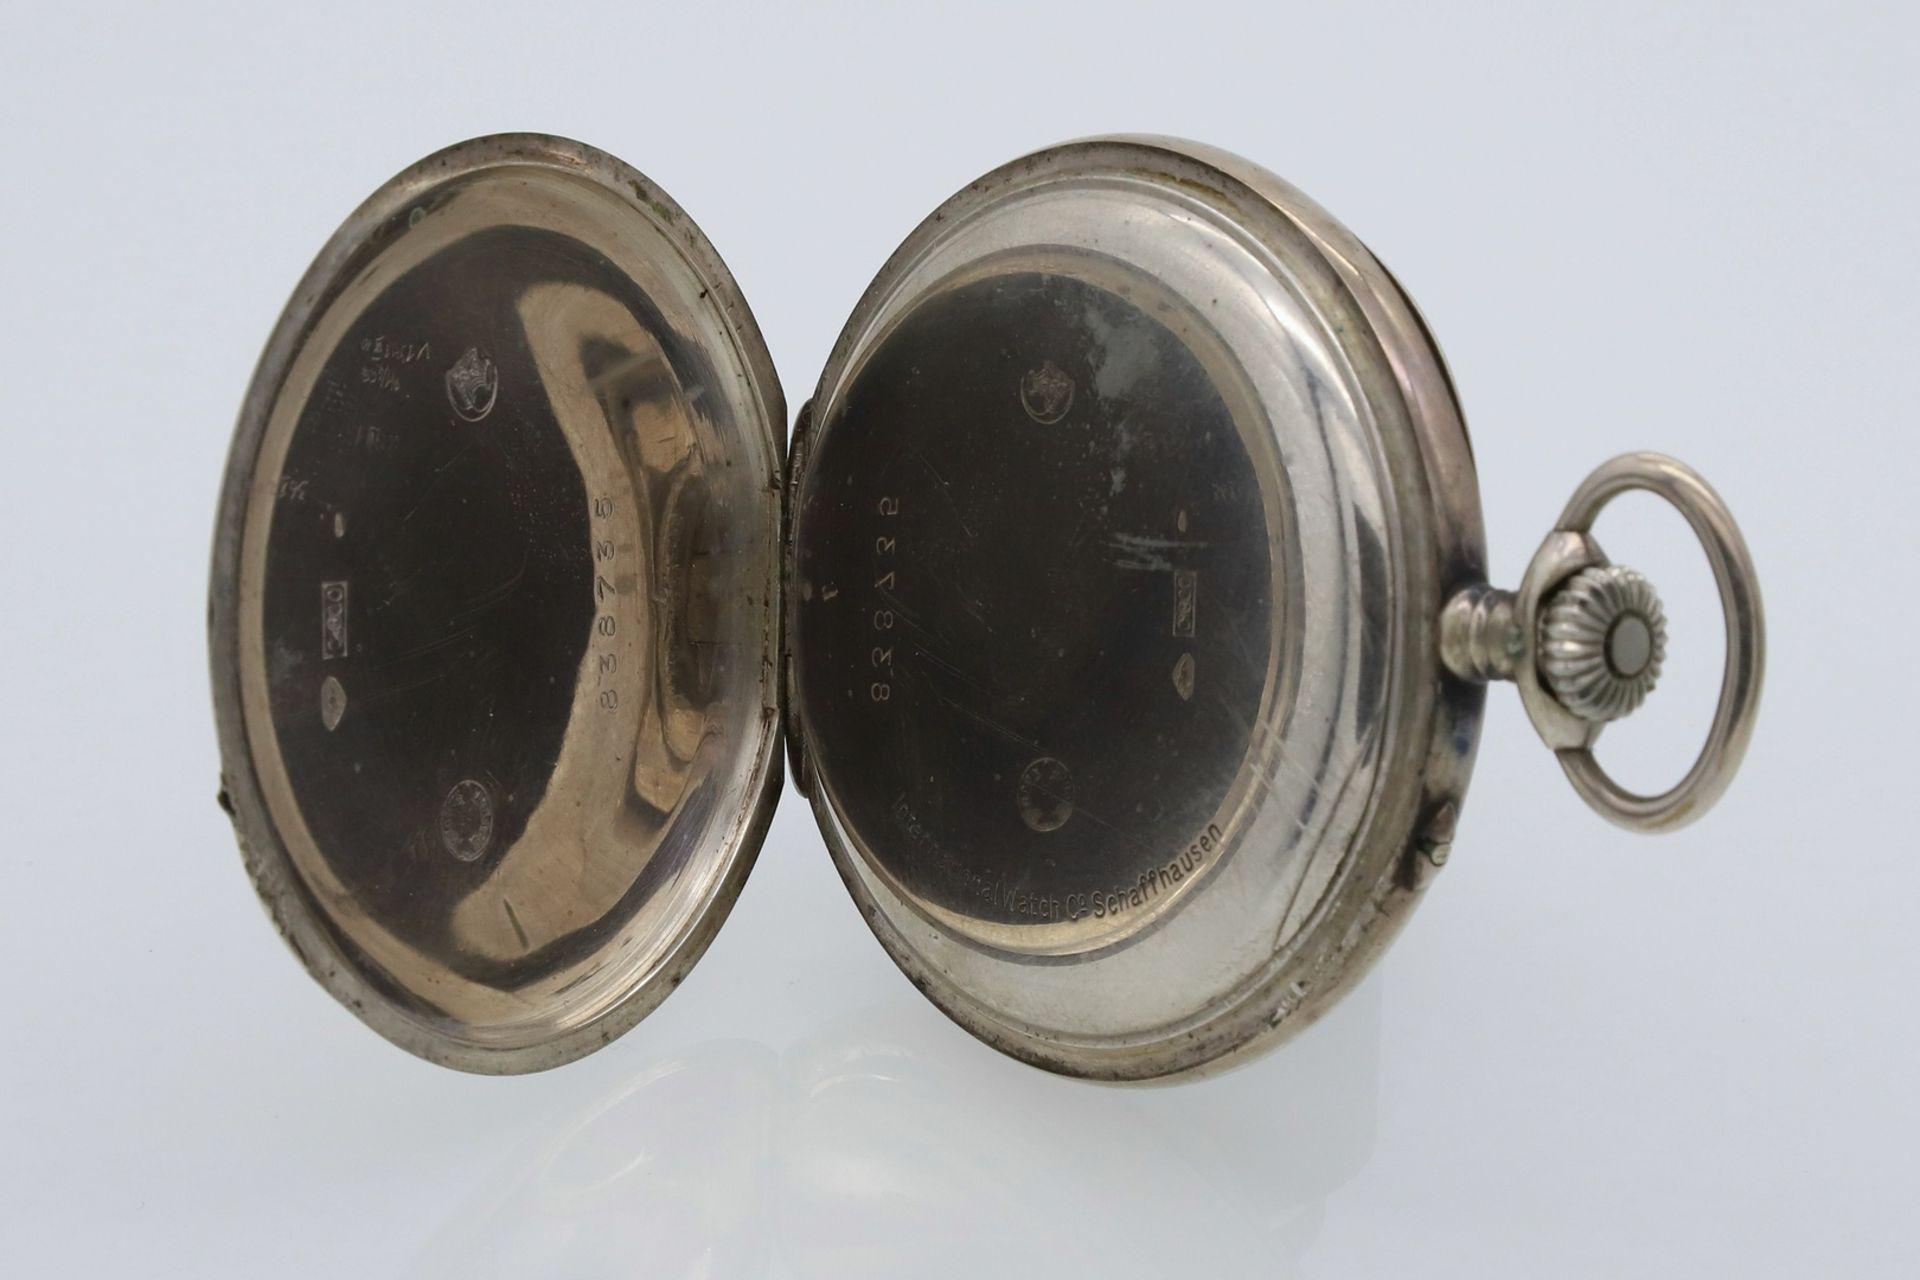 IWC Schaffhausen silberne Taschenuhr, um 1910 - Bild 3 aus 4